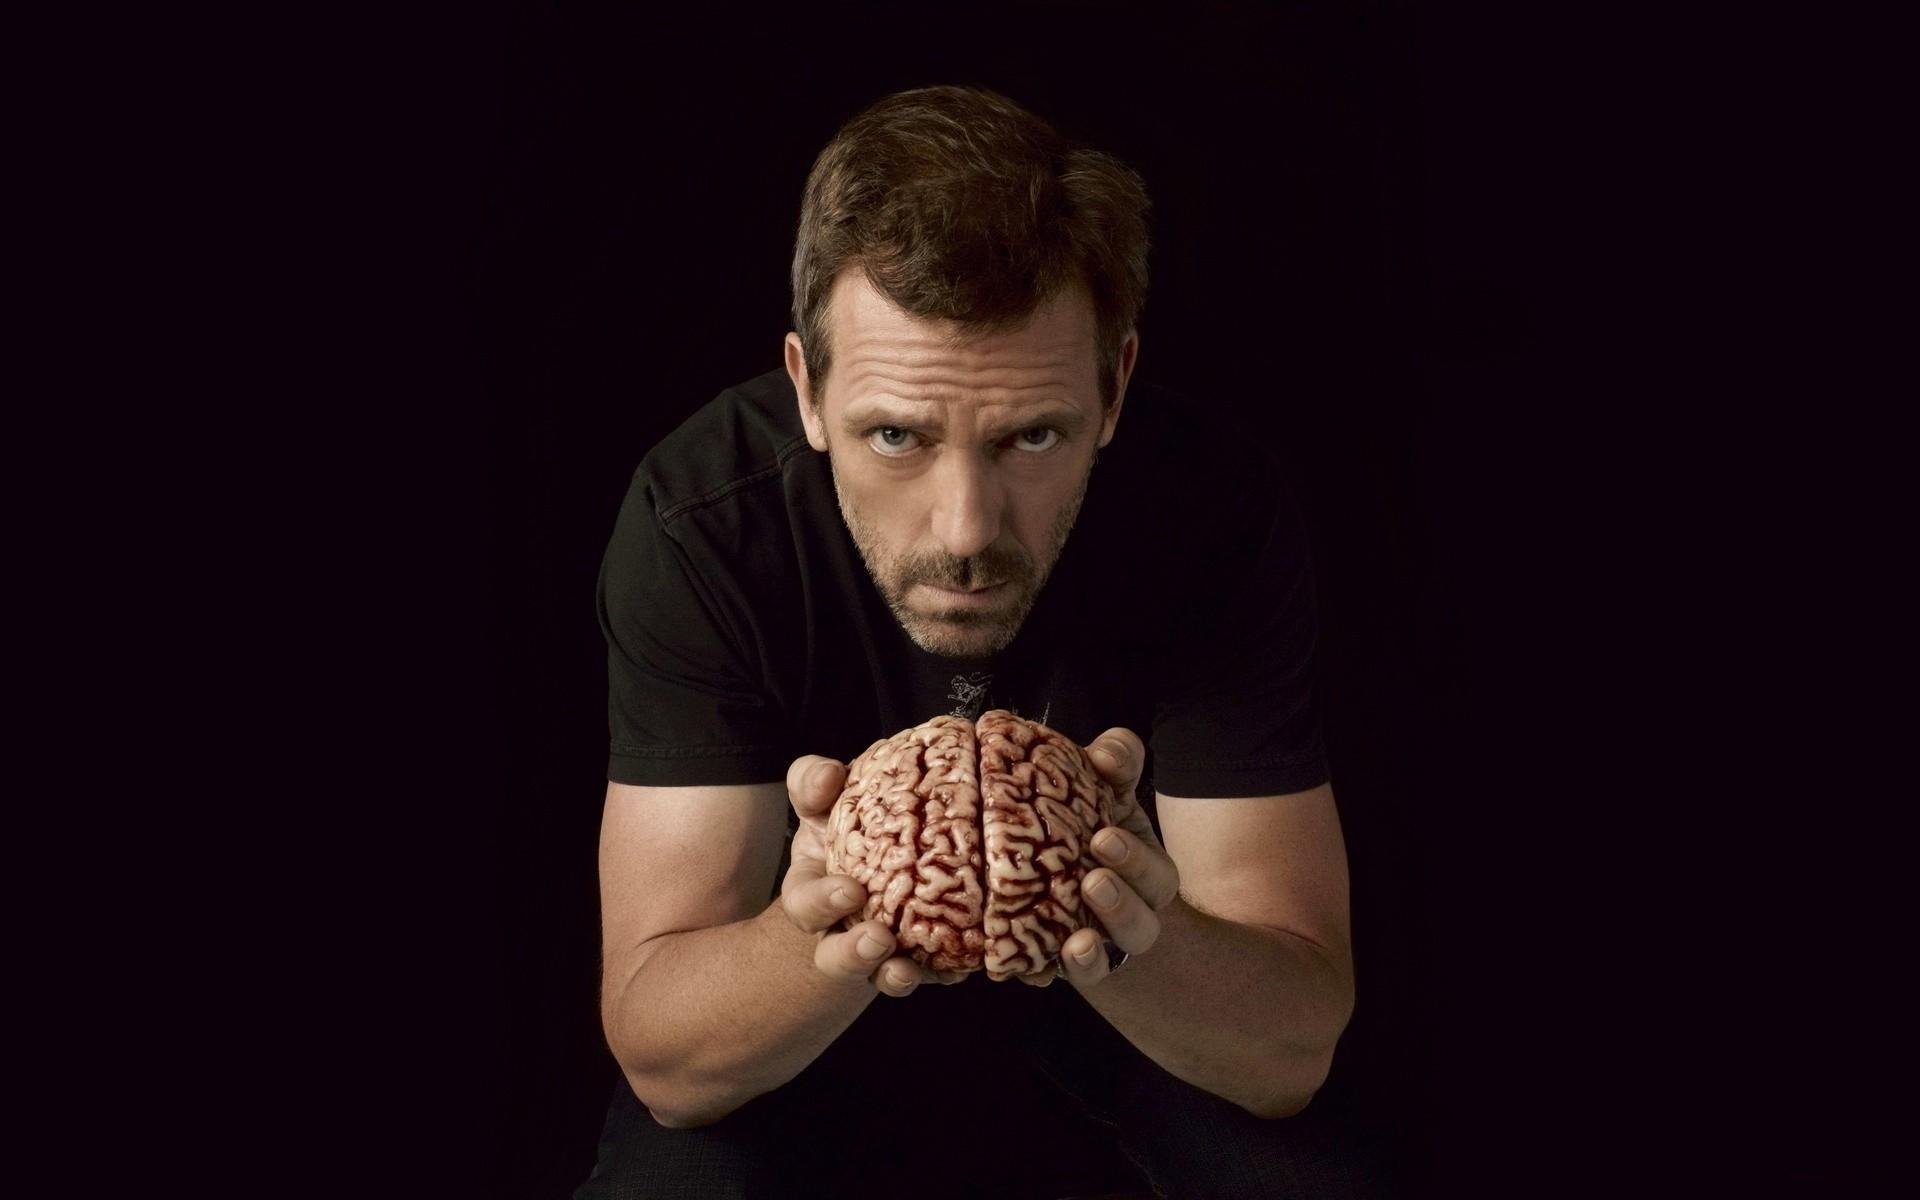 сегодняшний картинка мозги в руке постановочная фотосъемка